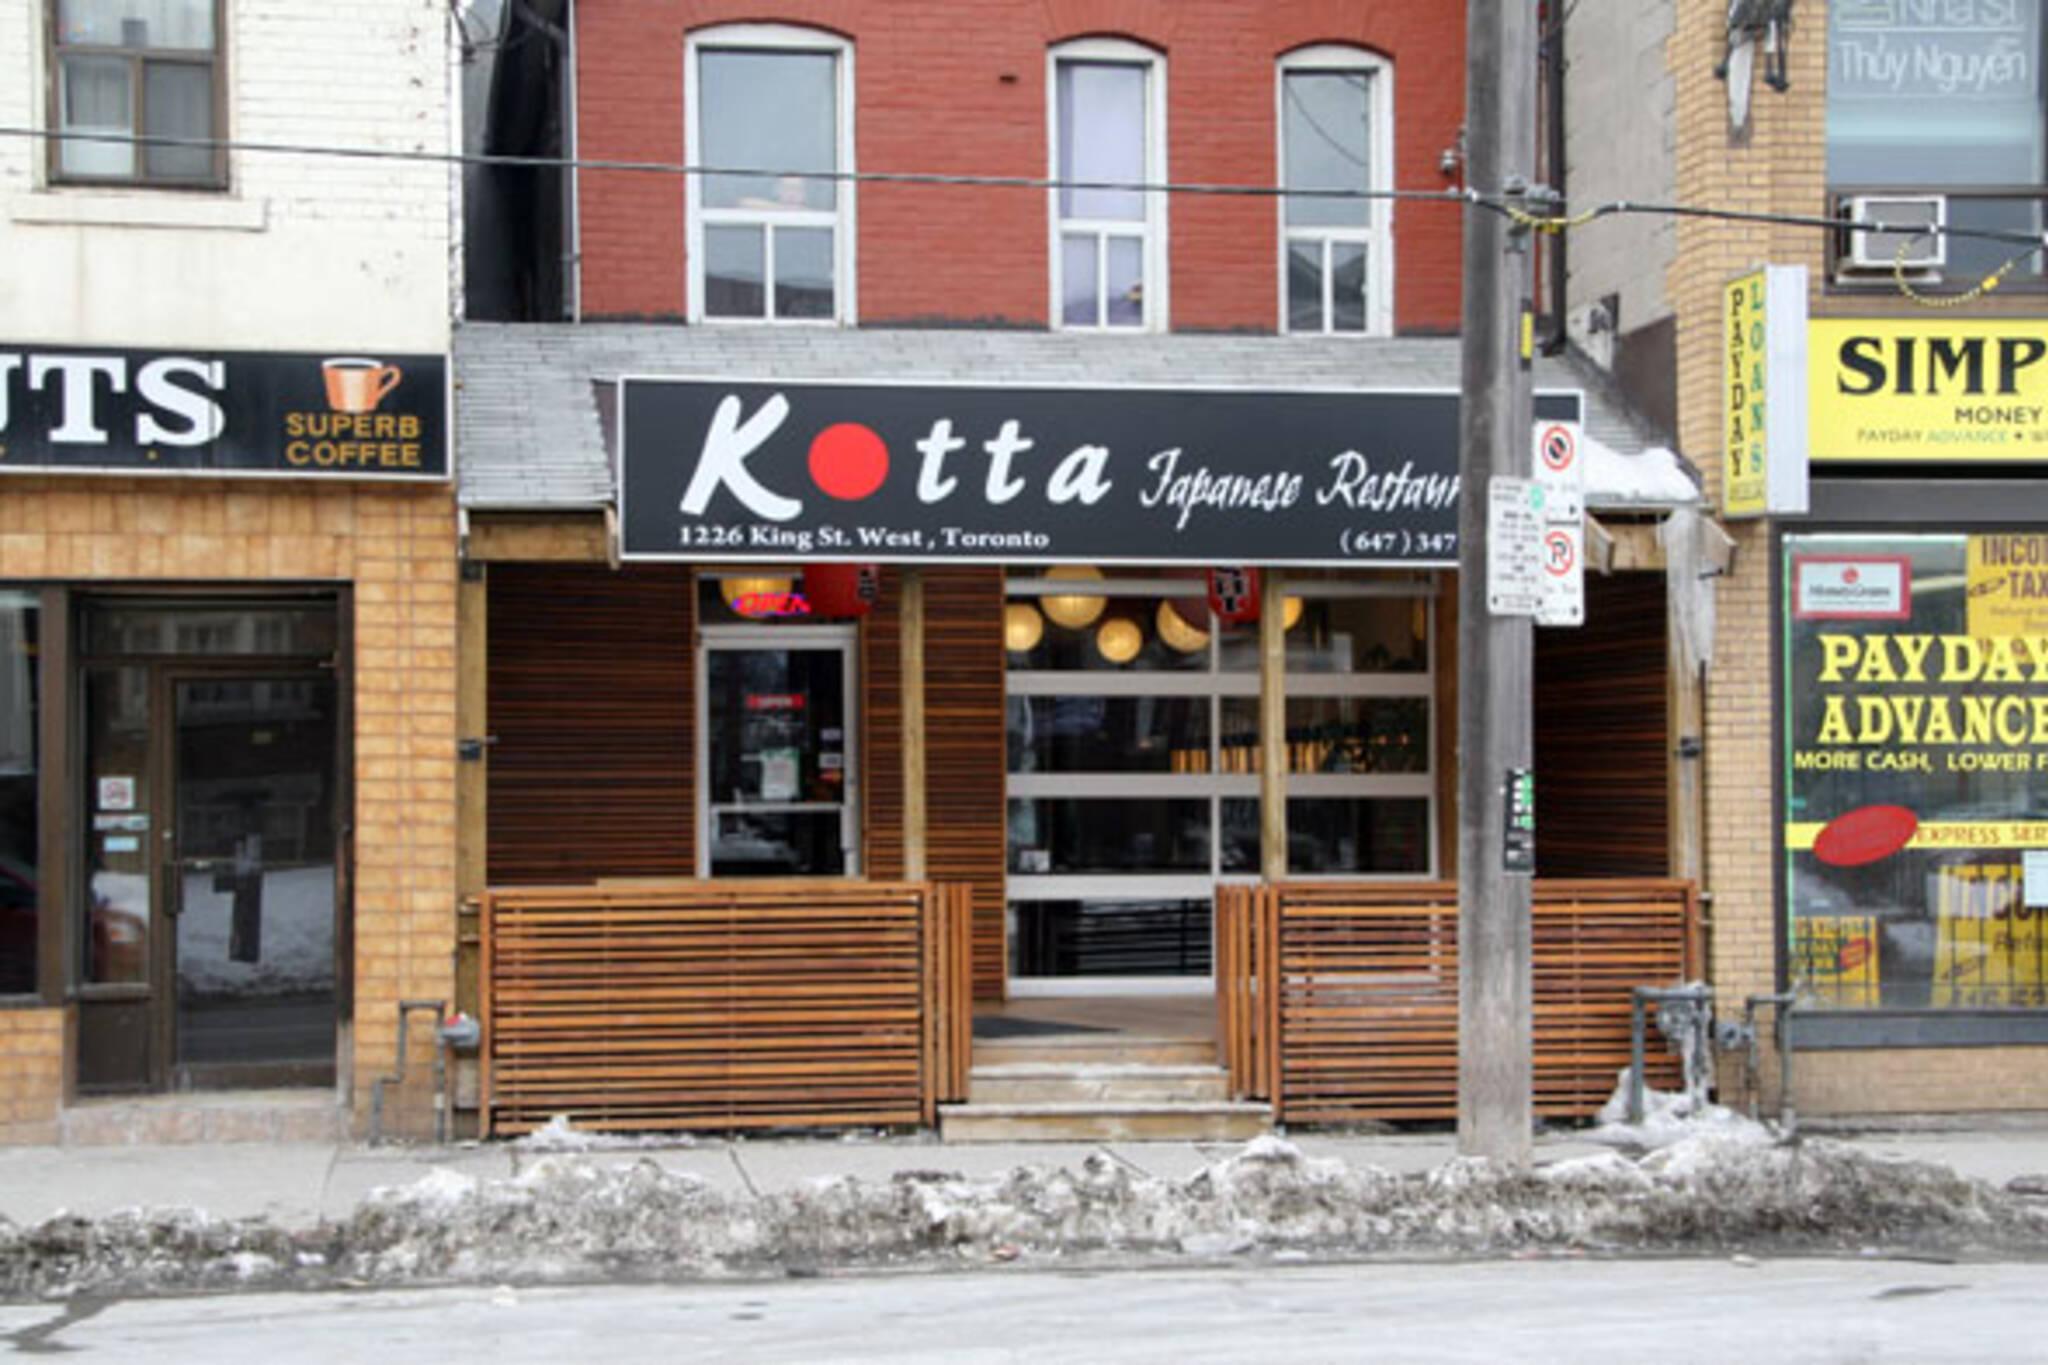 Kotta Japanese Restaurant Toronto